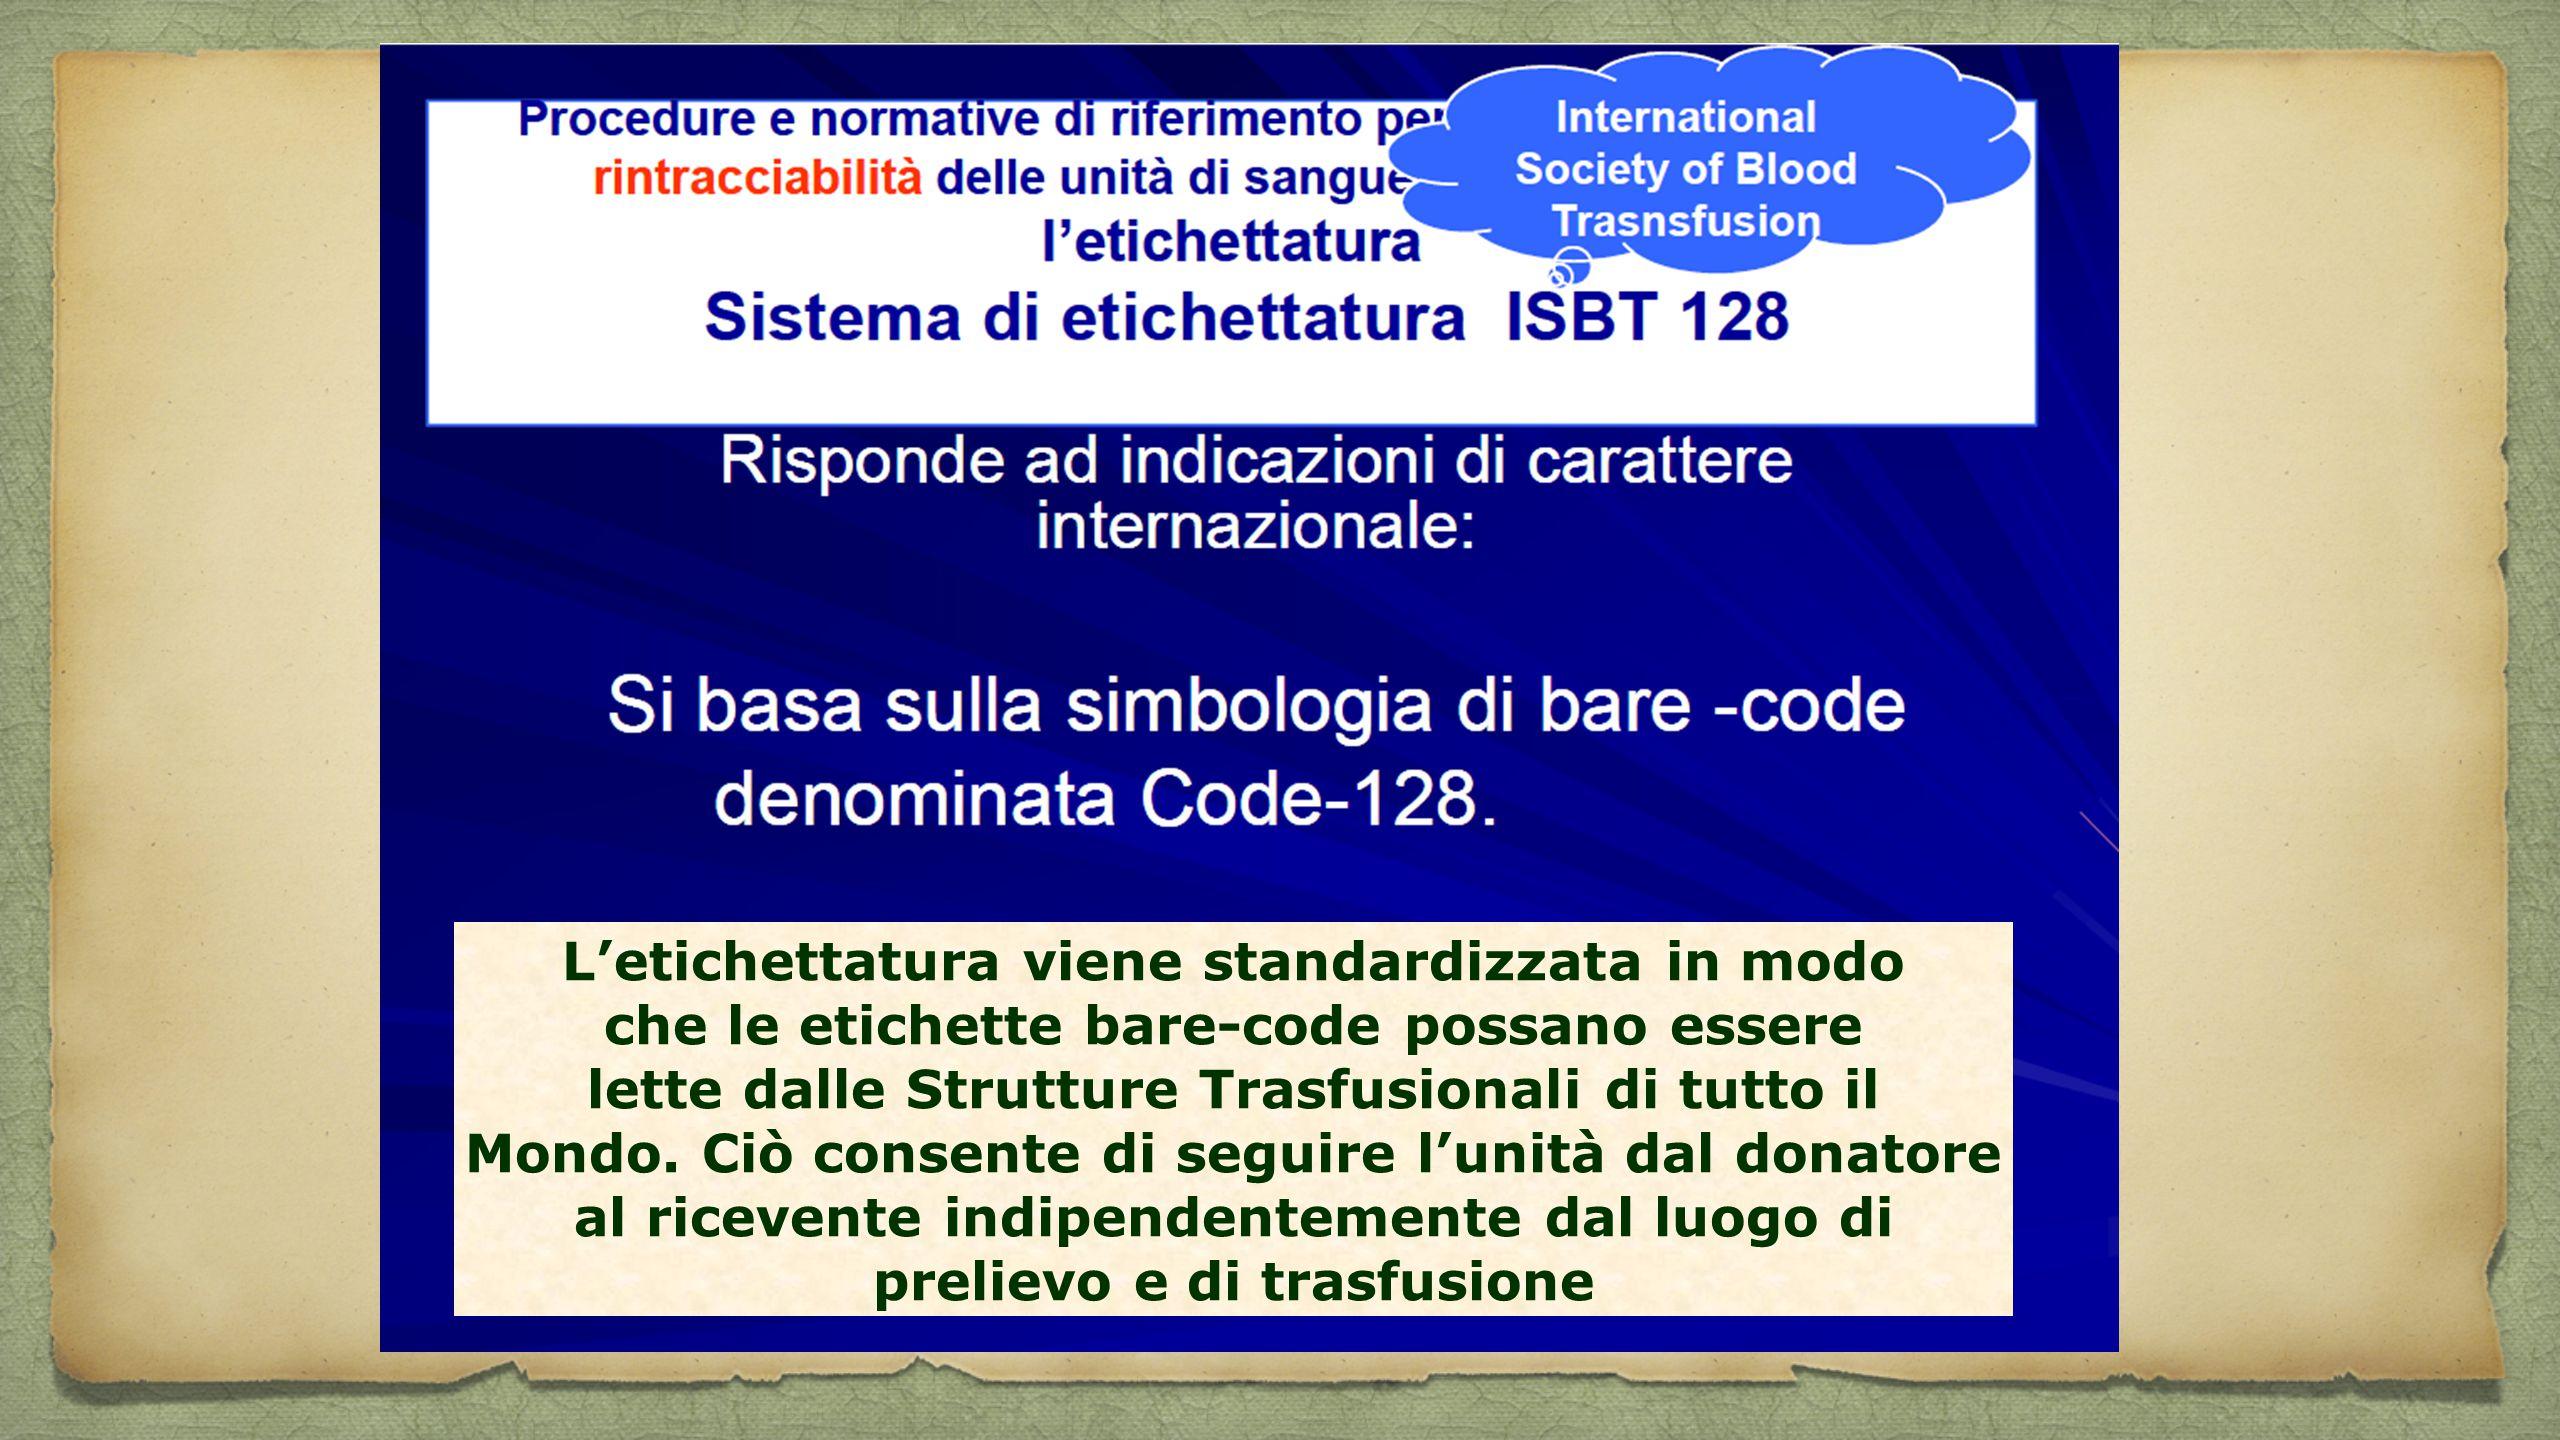 L'etichettatura viene standardizzata in modo che le etichette bare-code possano essere lette dalle Strutture Trasfusionali di tutto il Mondo. Ciò cons